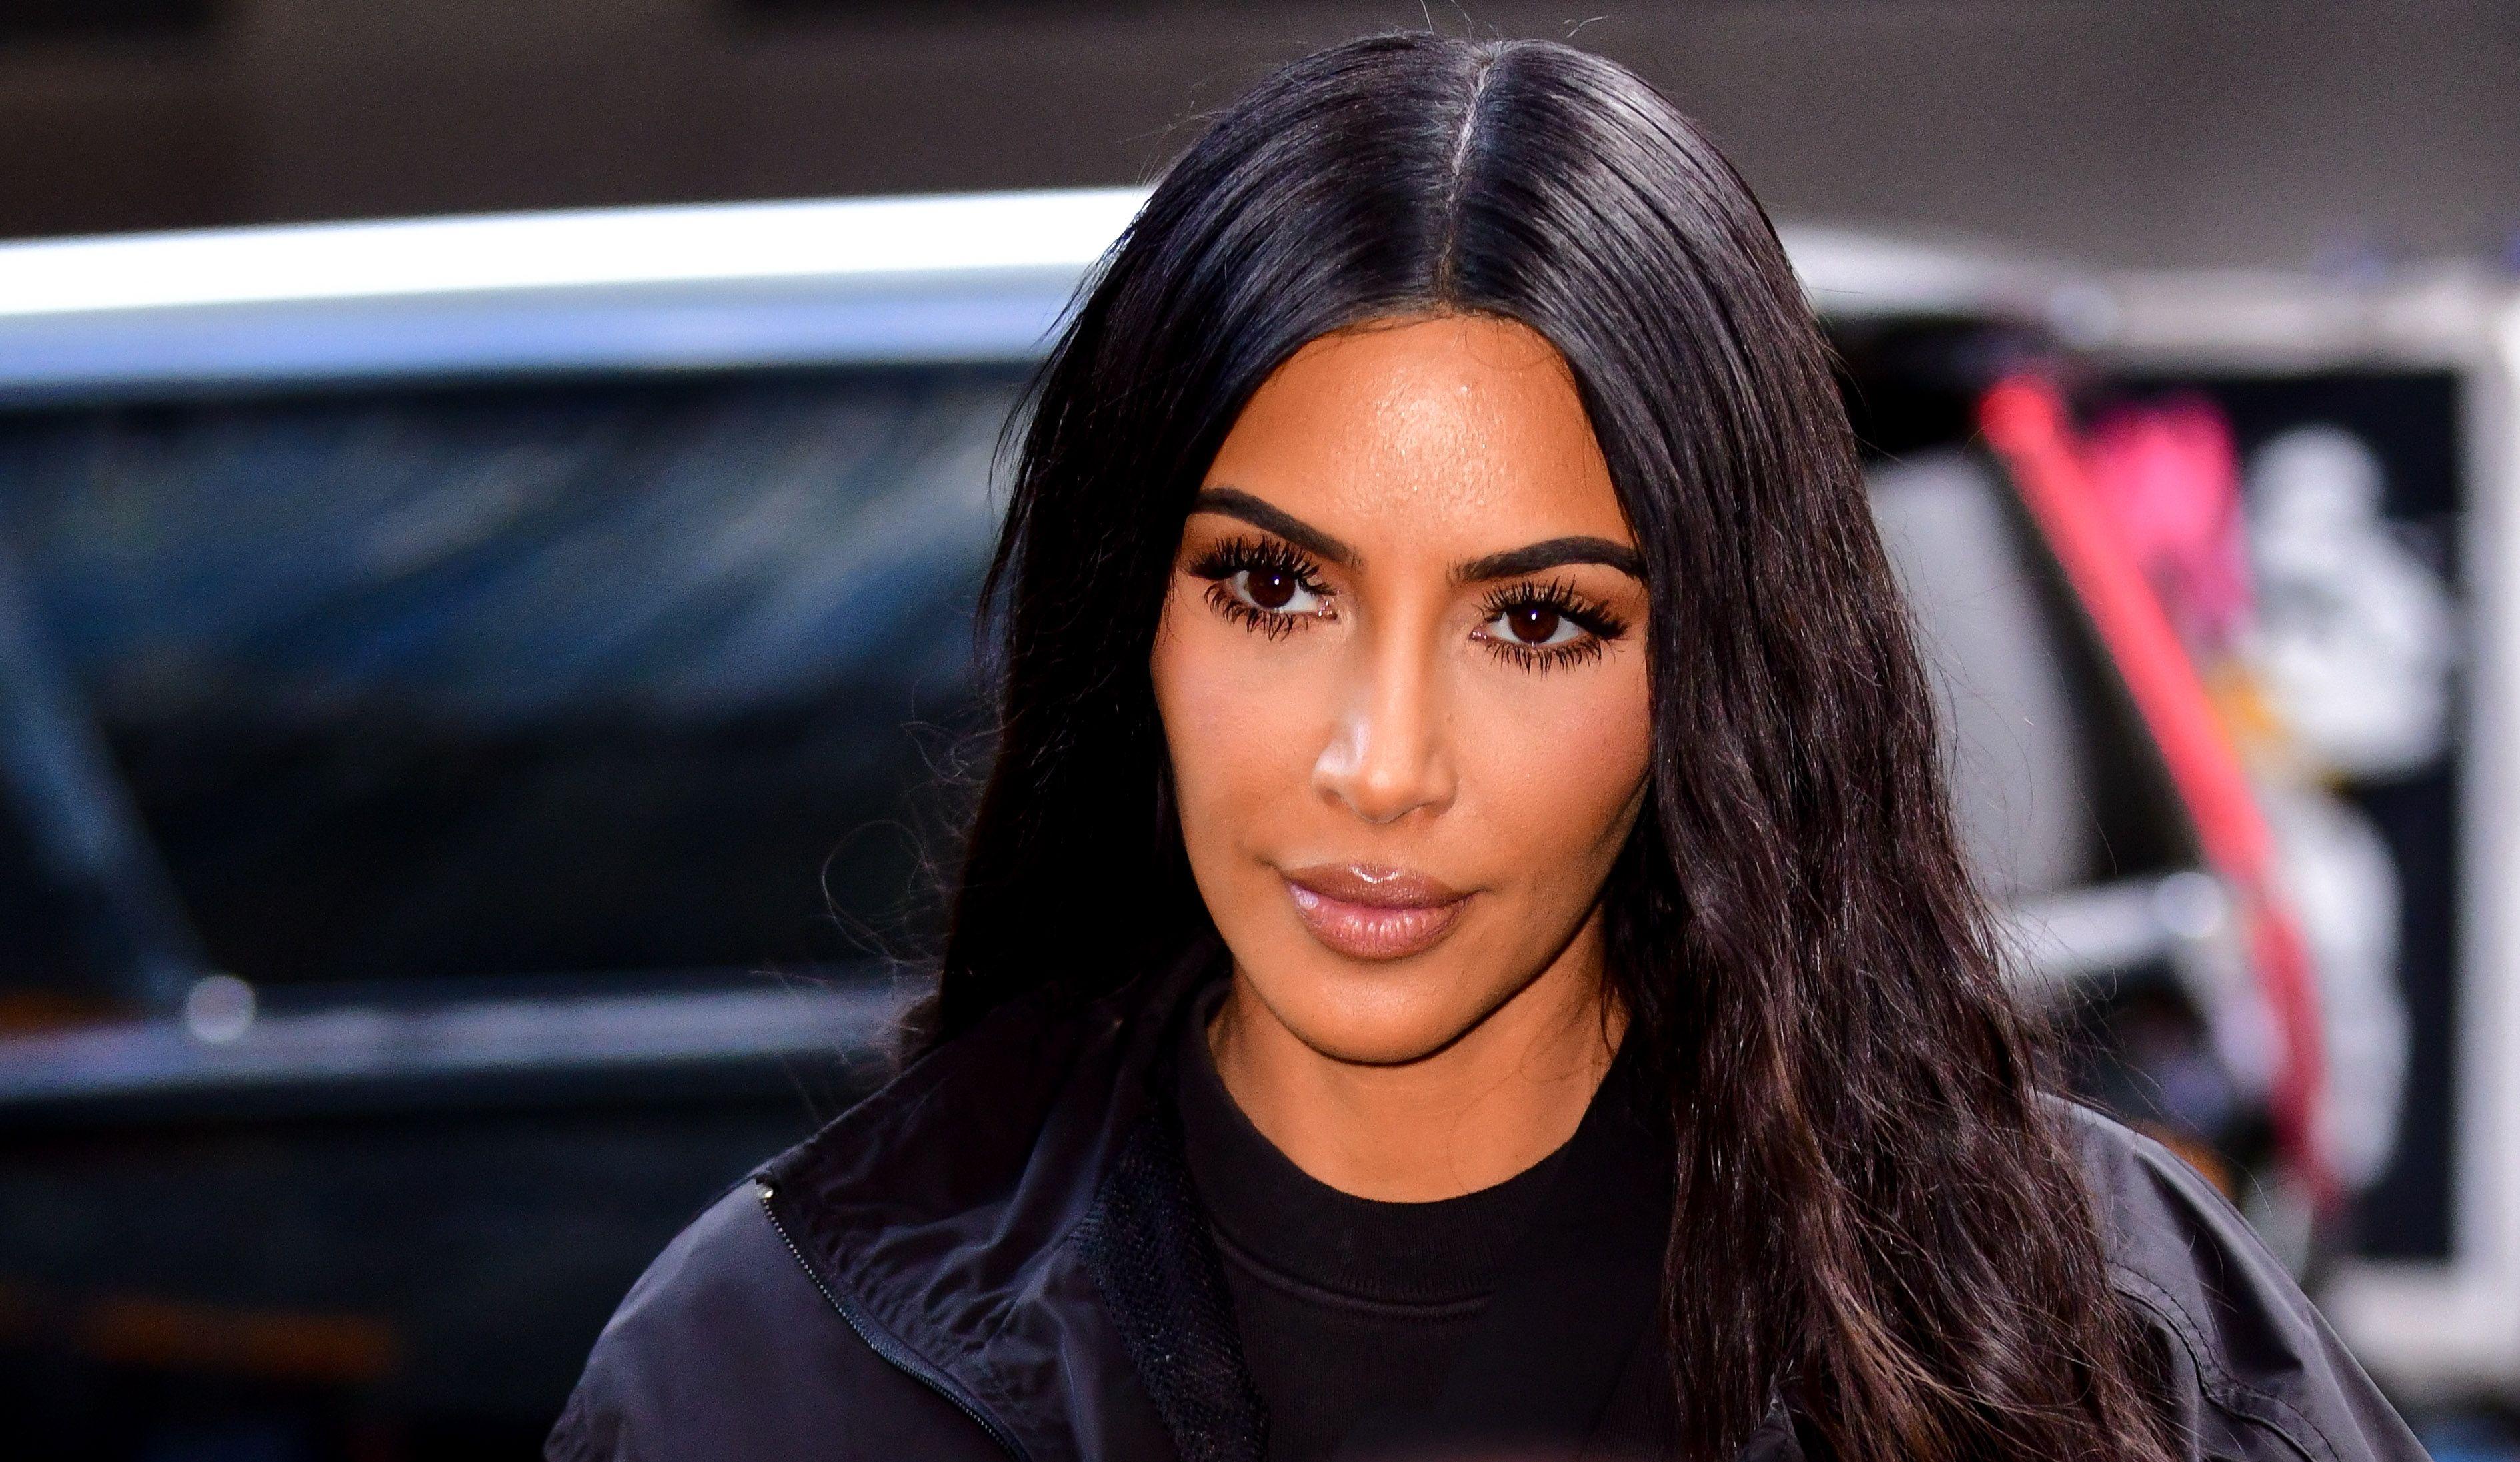 Kim Kardashian's Photoshop Fail Makes Her Look Like She Has Six Toes